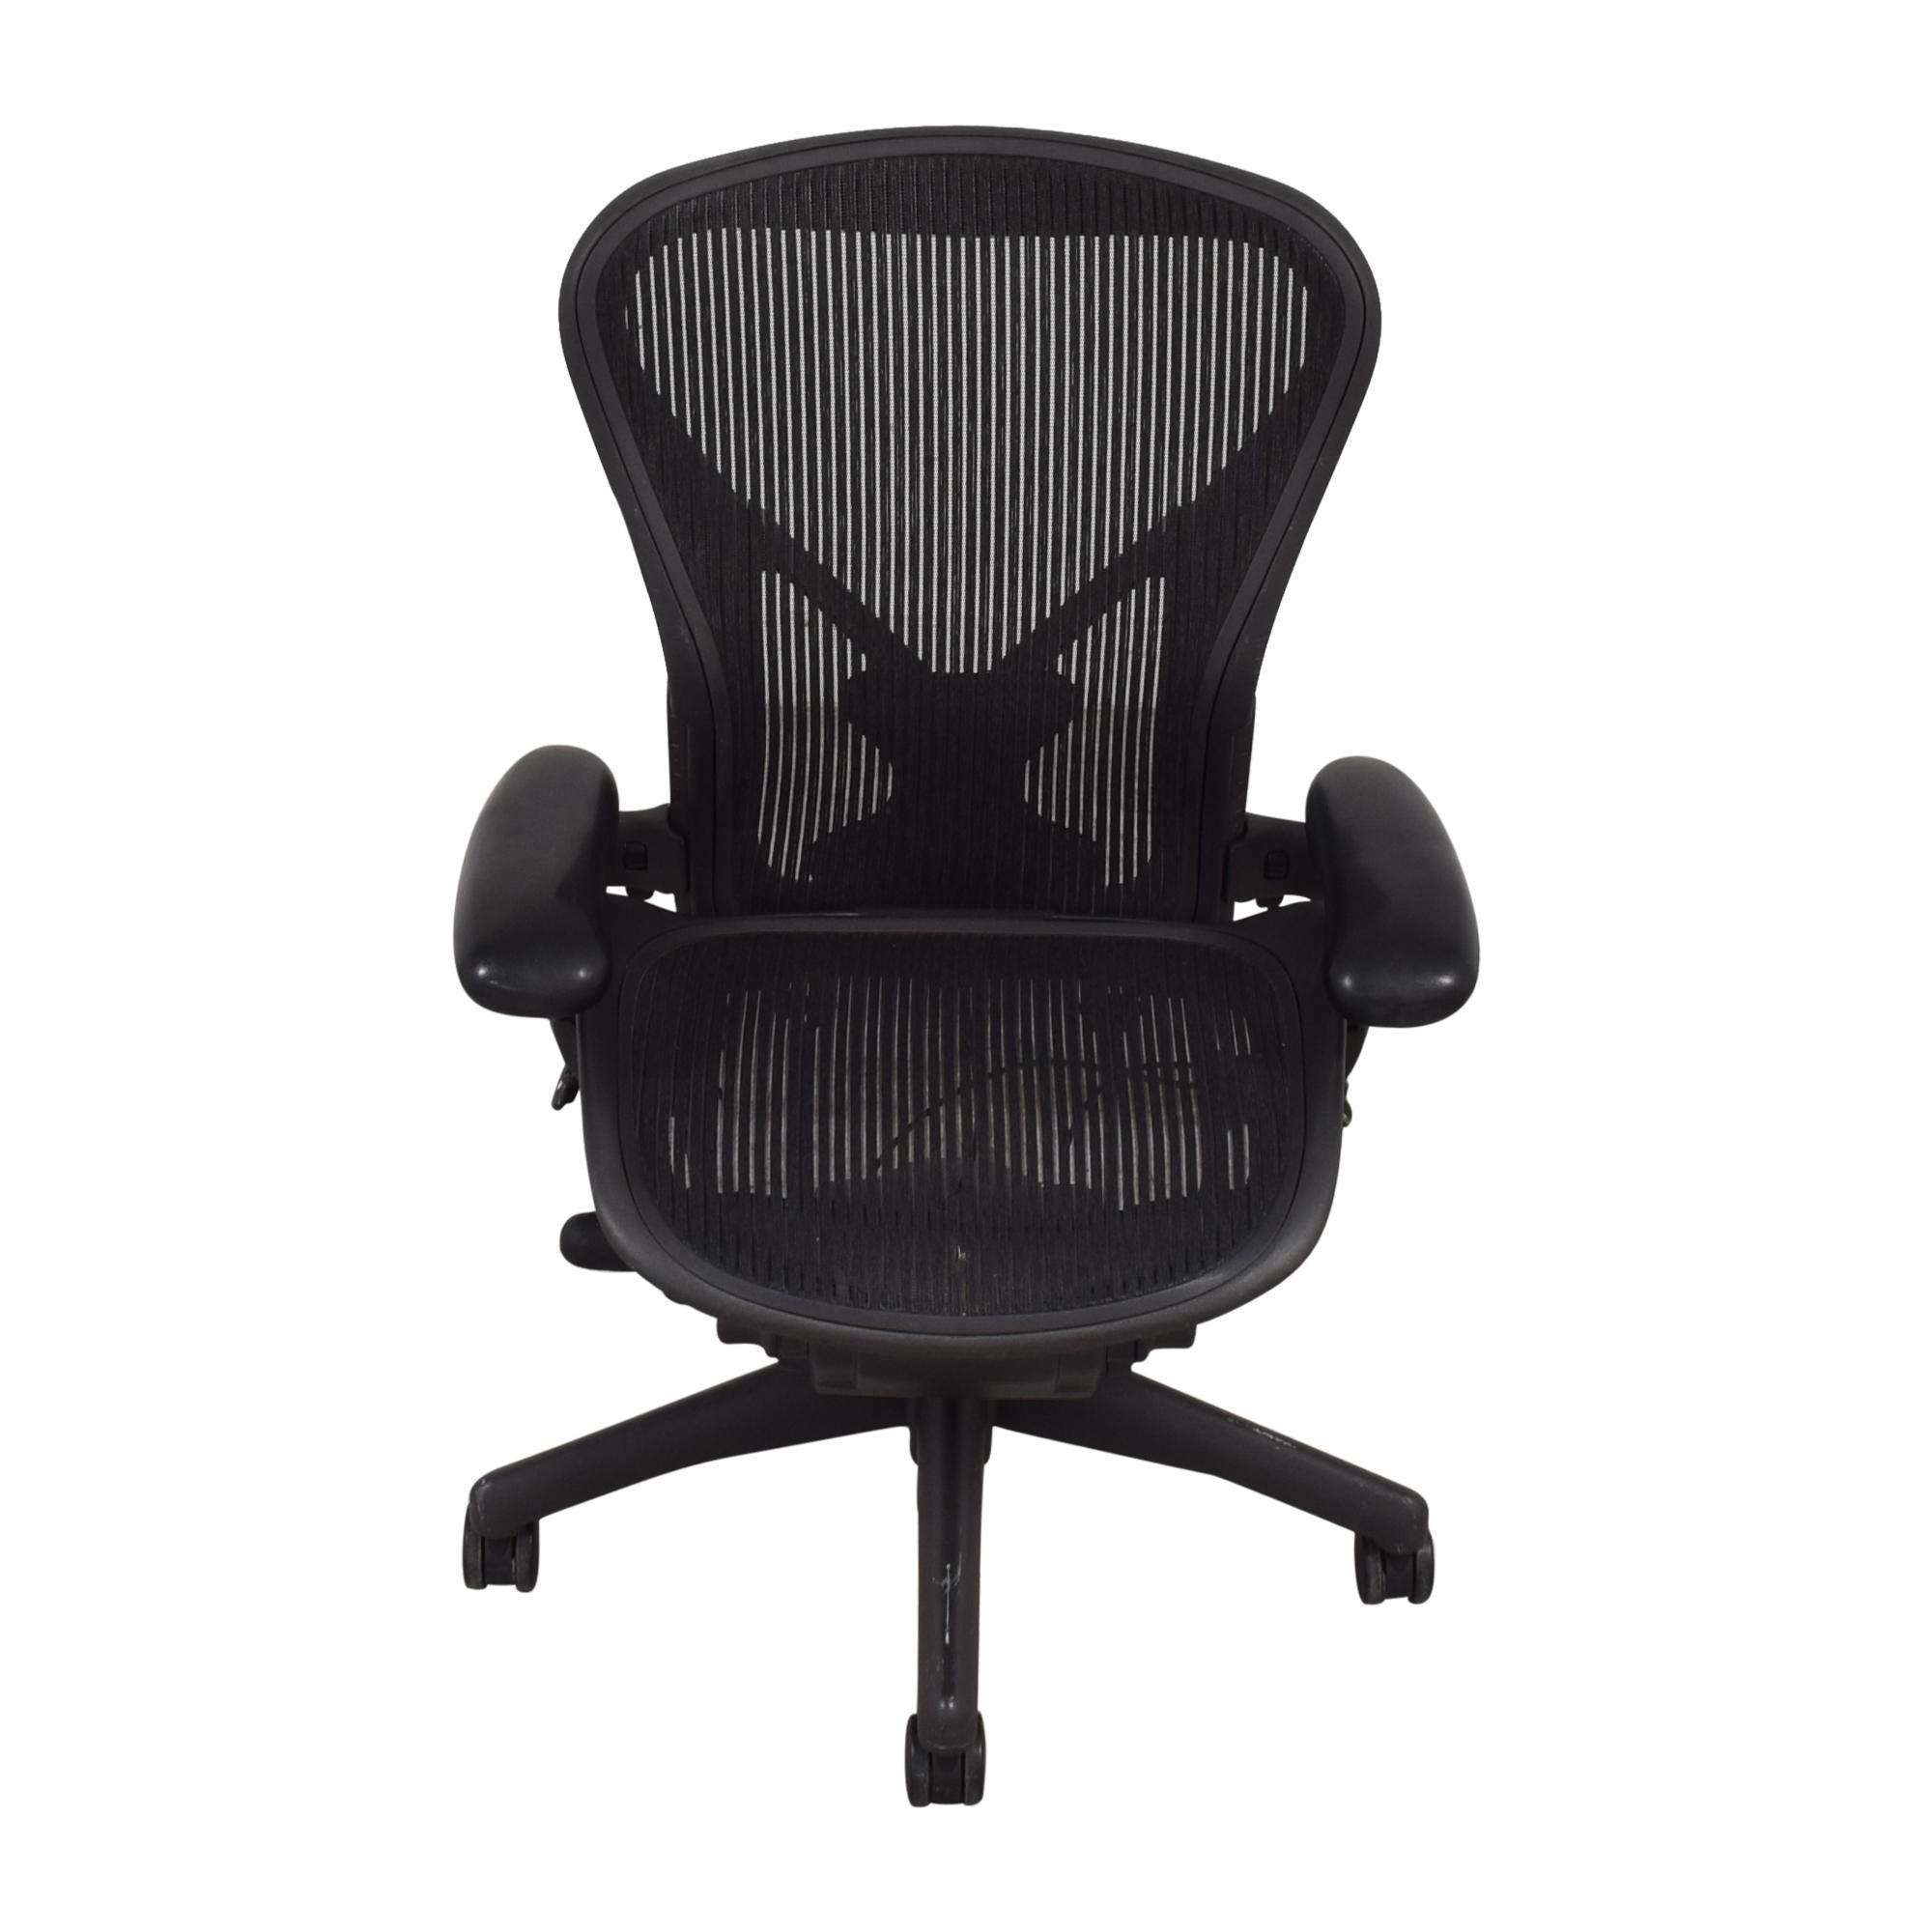 Herman Miller Herman Miller Aeron Office Chair on sale